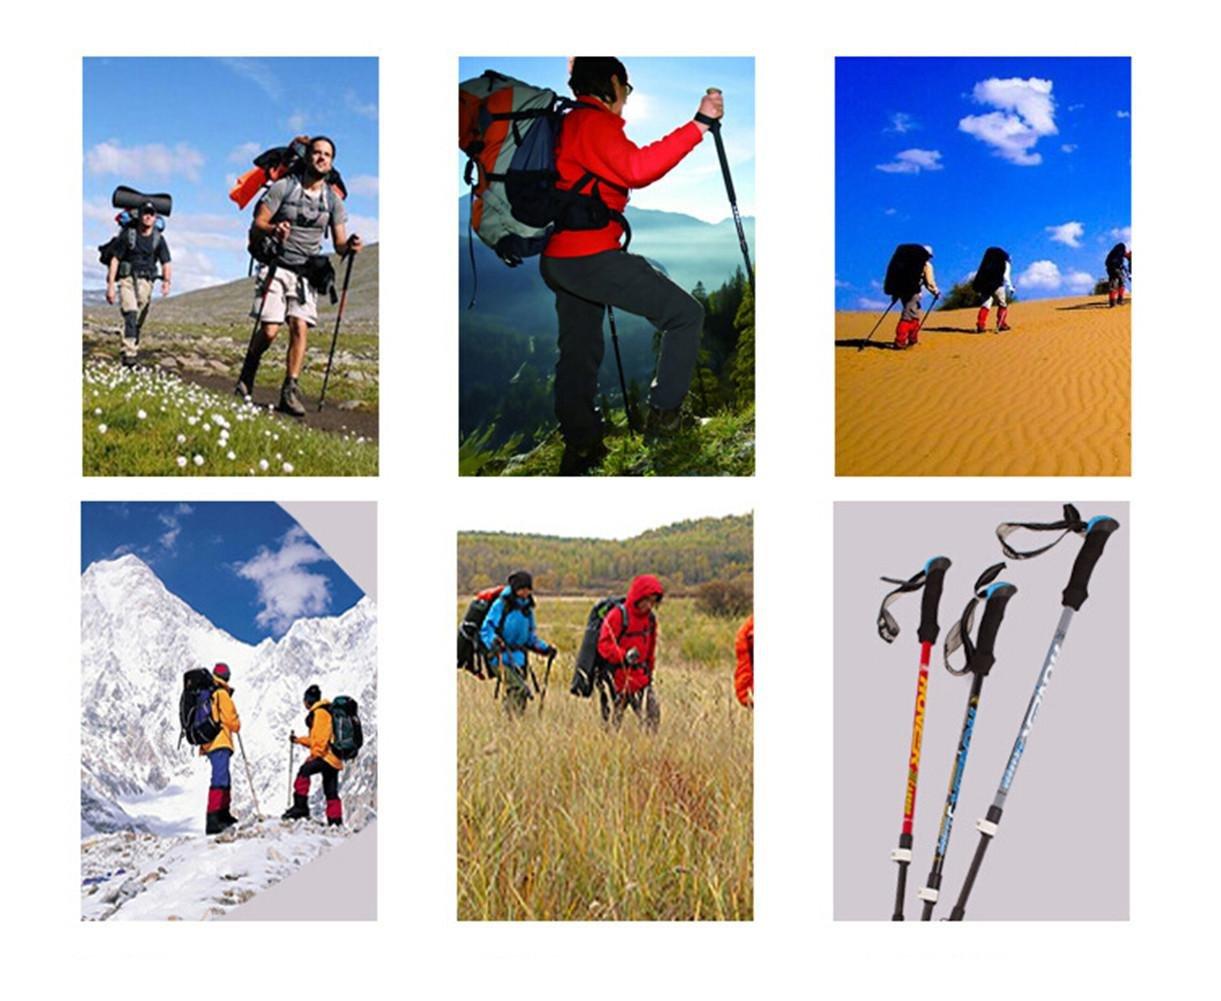 Bastone trekking ultraleggero in in in fibra di carbonio esterno Locking Alpinismo Polo 3 Sezione regolabile bastone da passeggio Trekking bastoncini da sci Alpenstock Climbing Cane Stampelle, B   Materiale preferito    Bella apparenza  63c54a